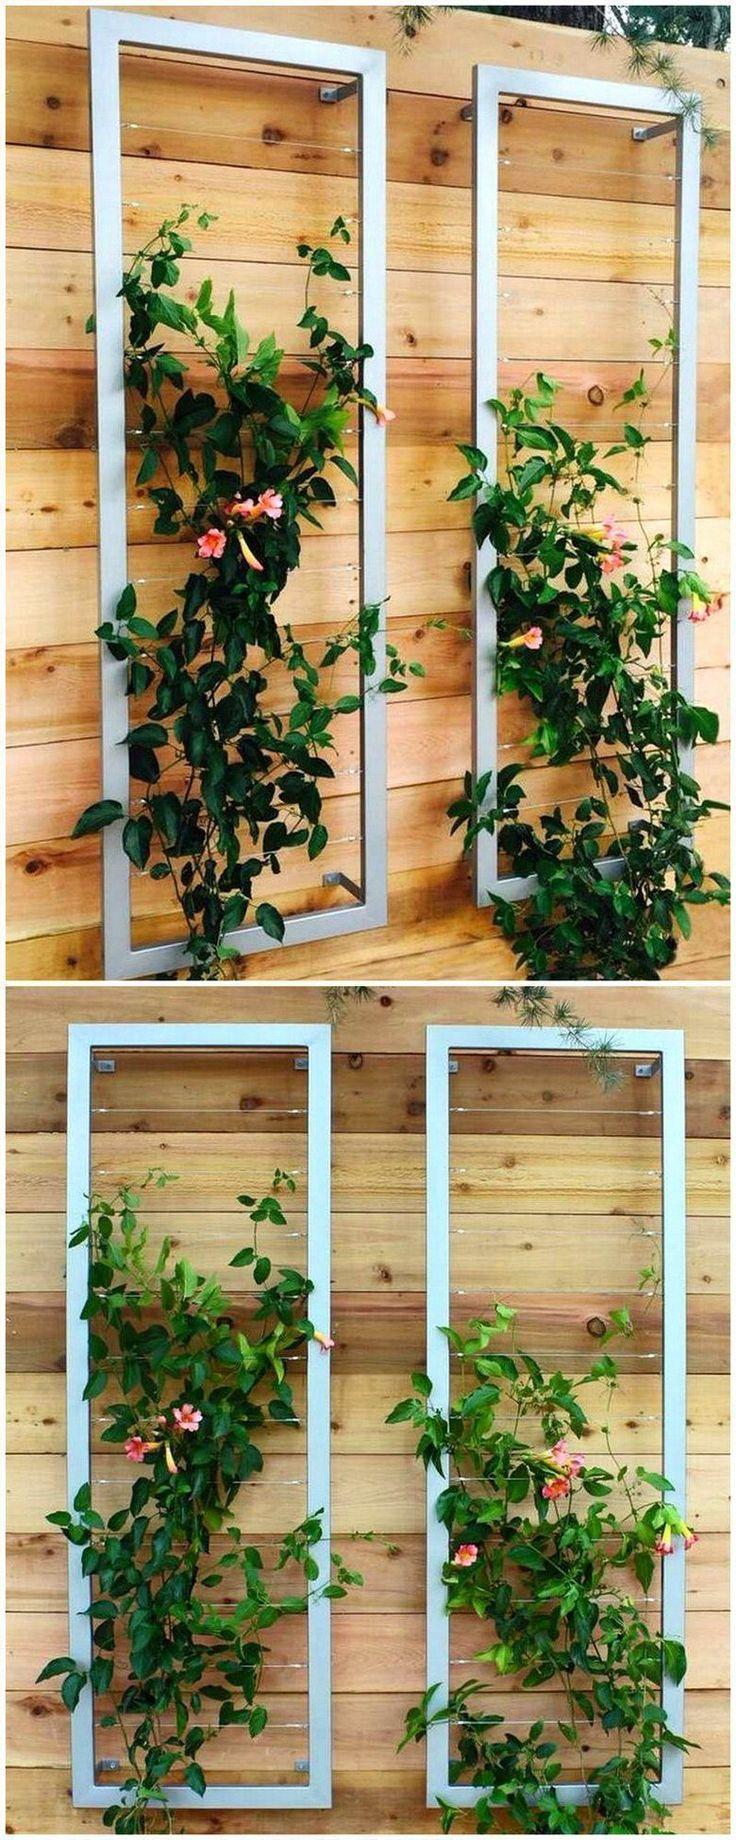 The 25+ best Trellis design ideas on Pinterest | Garden ideas ...